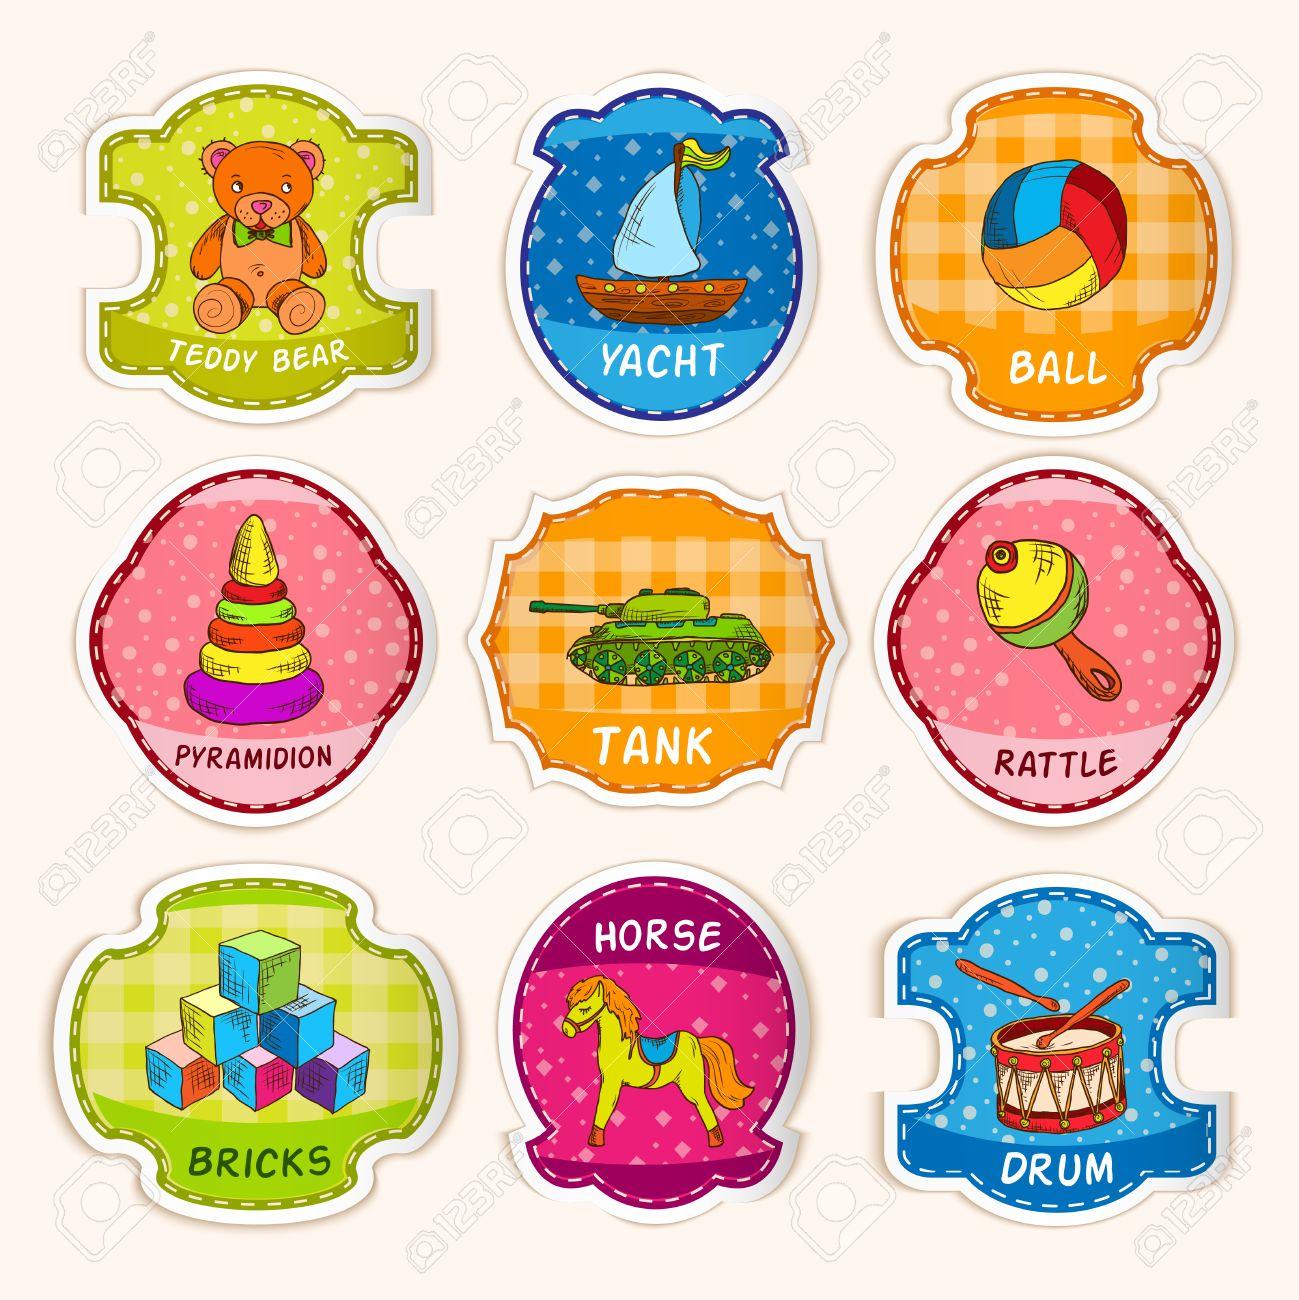 banque dimages enfants dcoratifs jouets icnes esquisse avec salle de jeux denfant papier peint fond illustration vectorielle